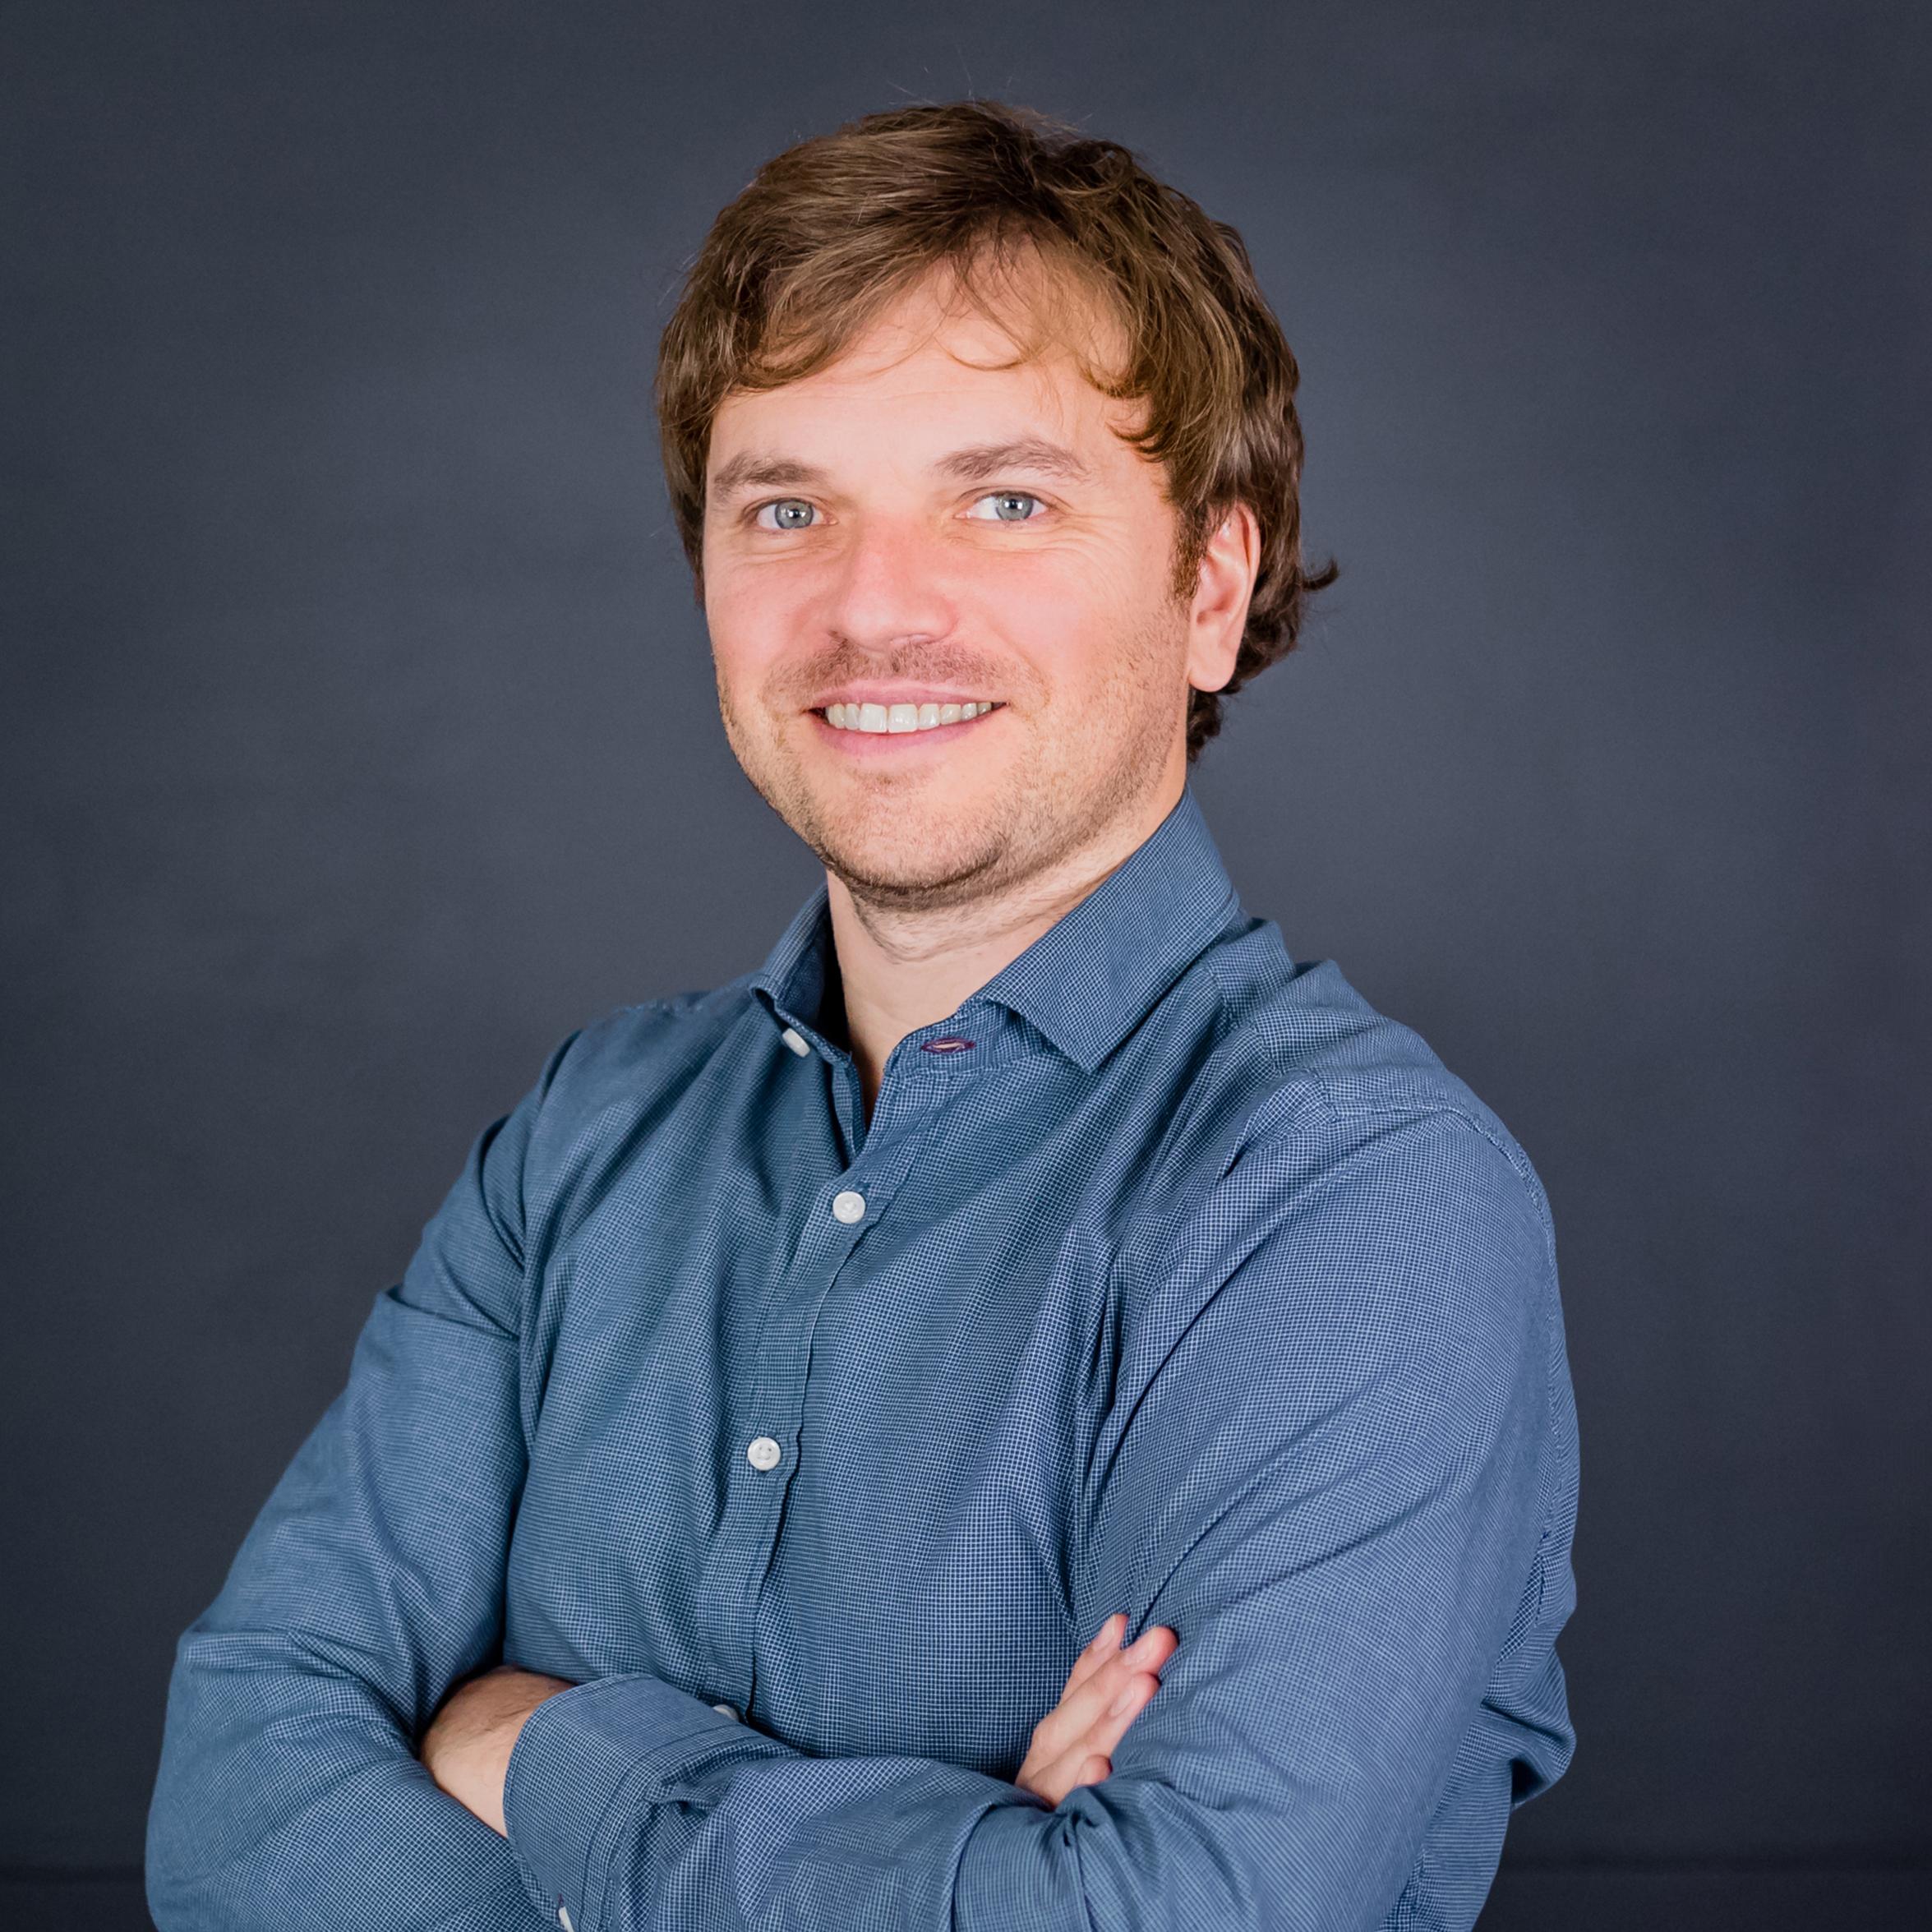 Jens Stier